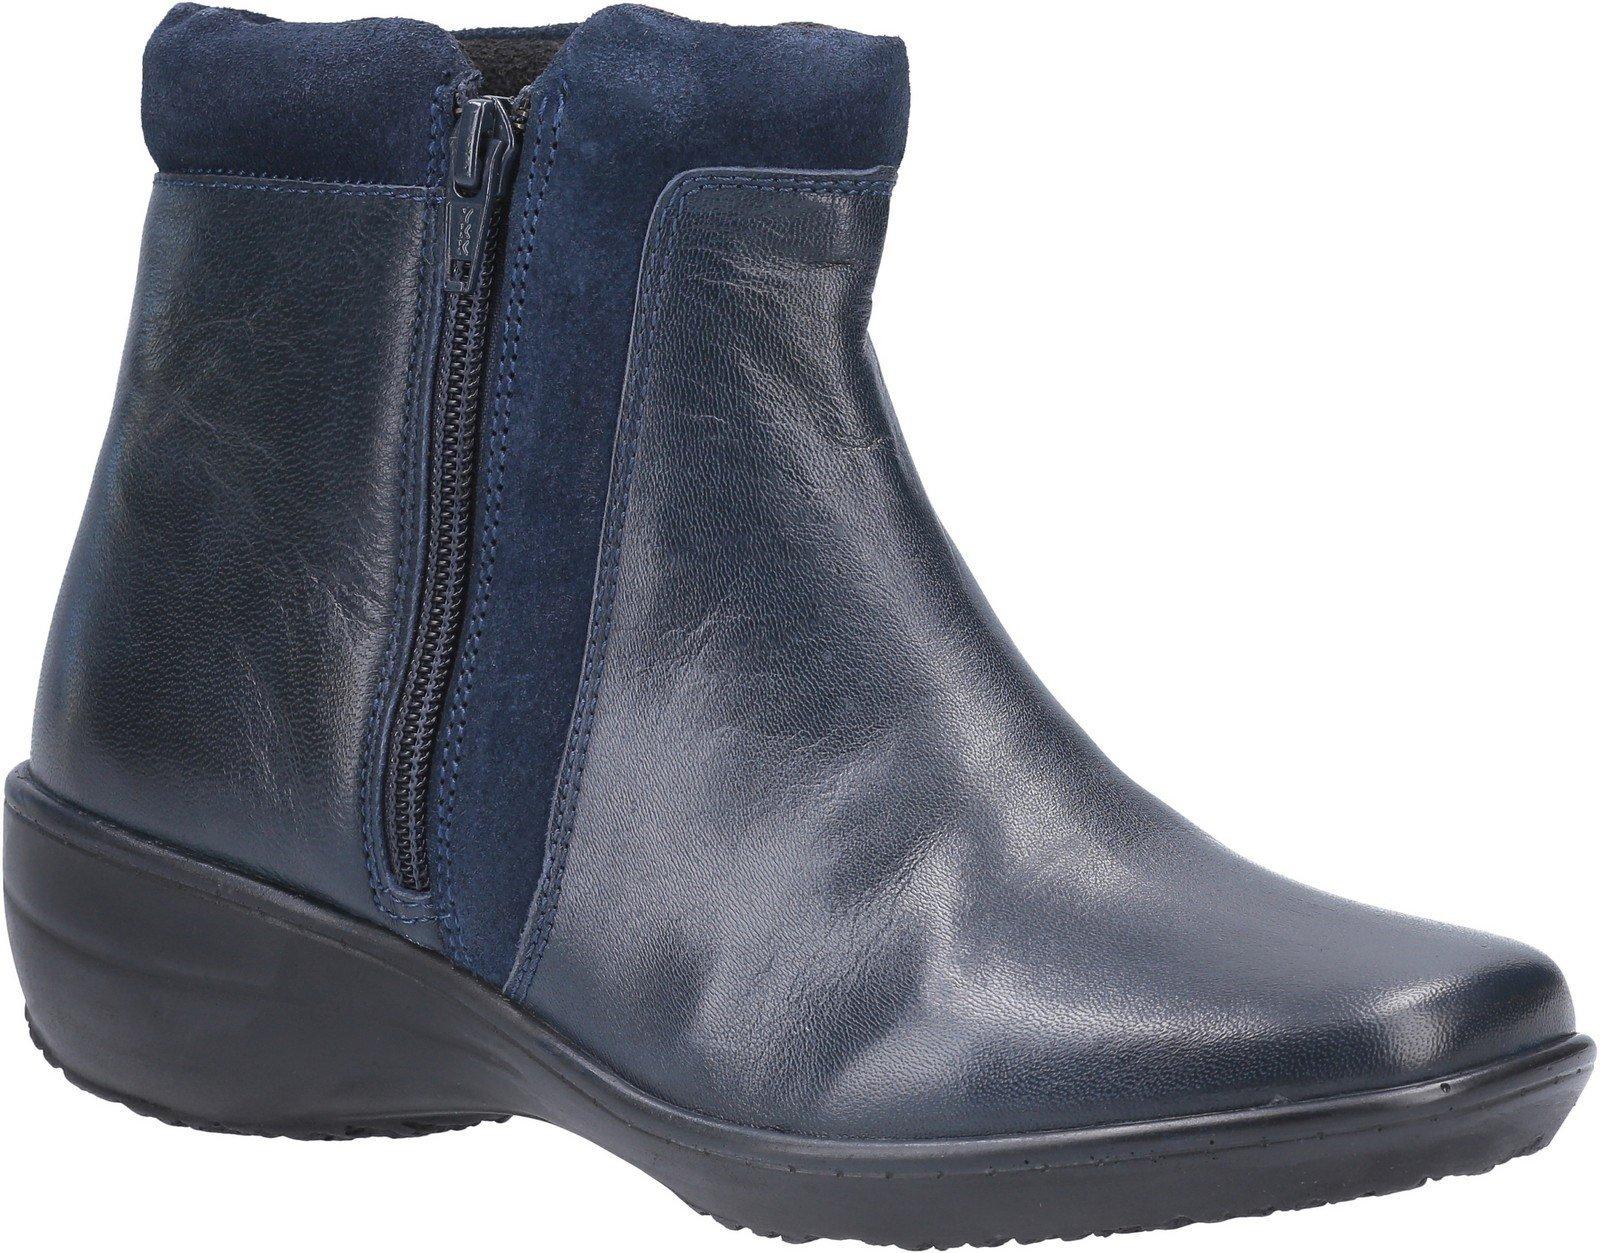 Fleet & Foster Women's Mona Zip Ankle Boot Black 29293-49577 - Navy 6